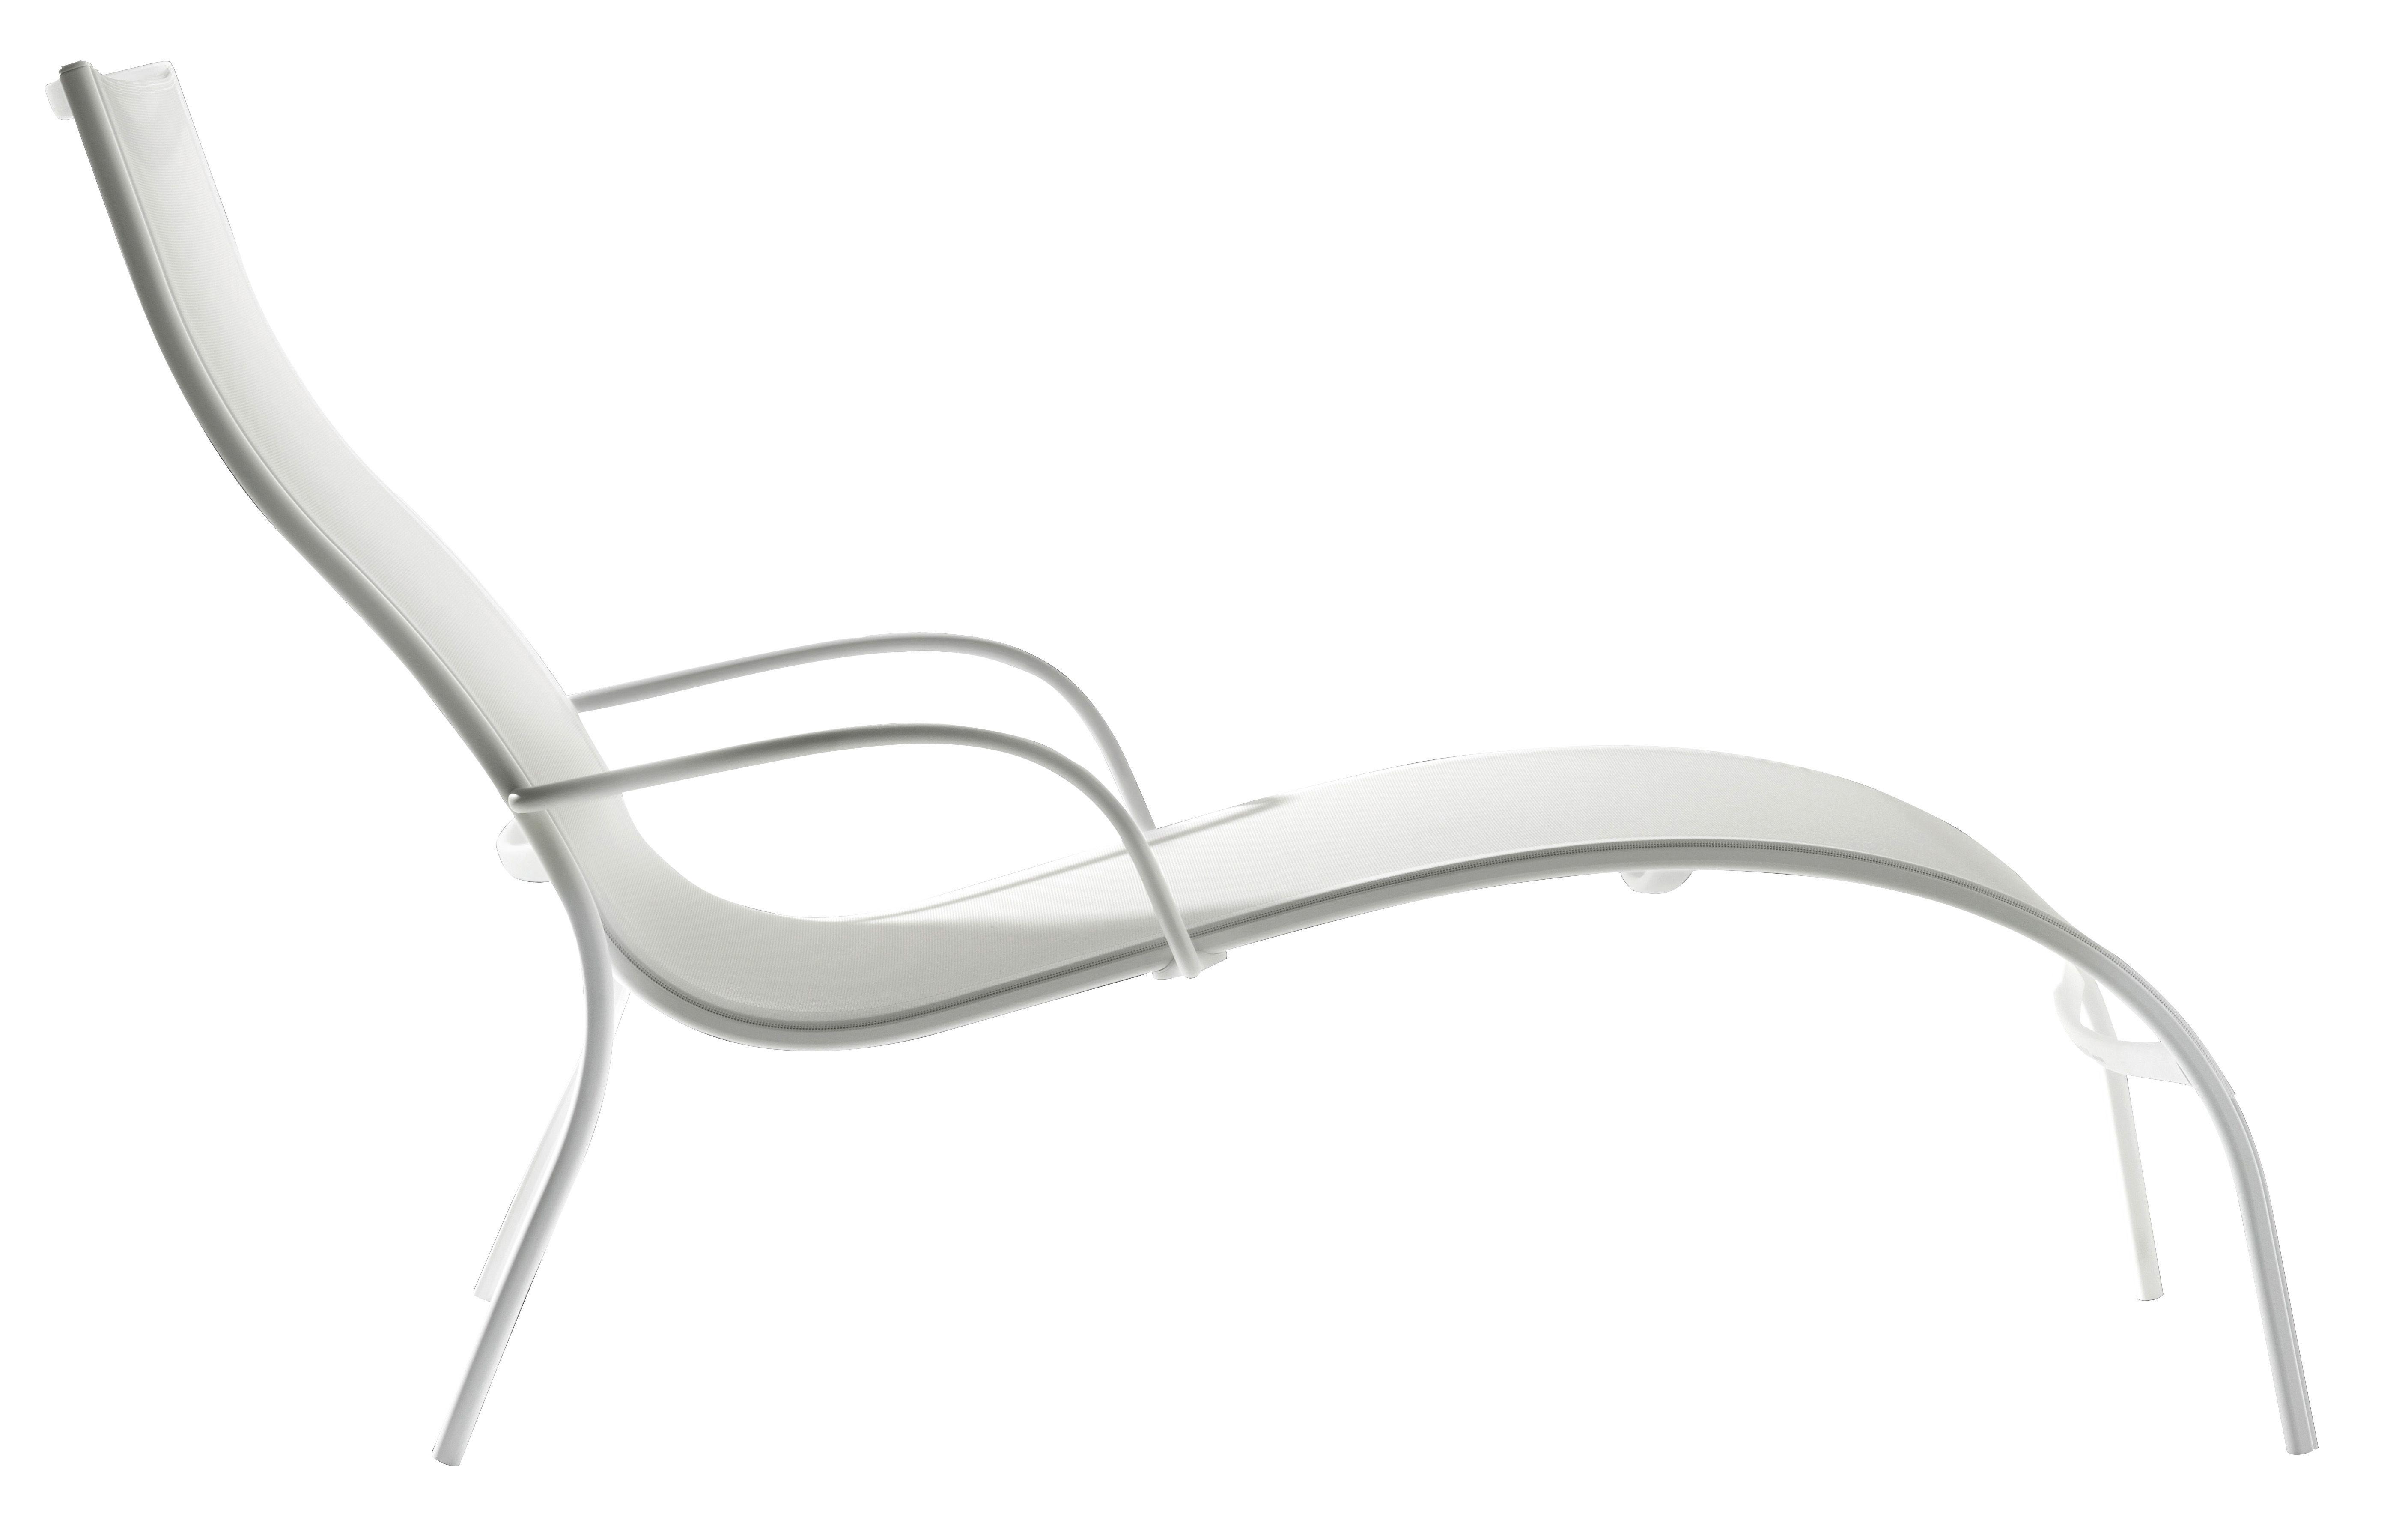 Outdoor - Chaises longues et hamacs - Chaise longue Paso Doble - Magis - Blanc / structure blanche - Aluminium verni, Toile